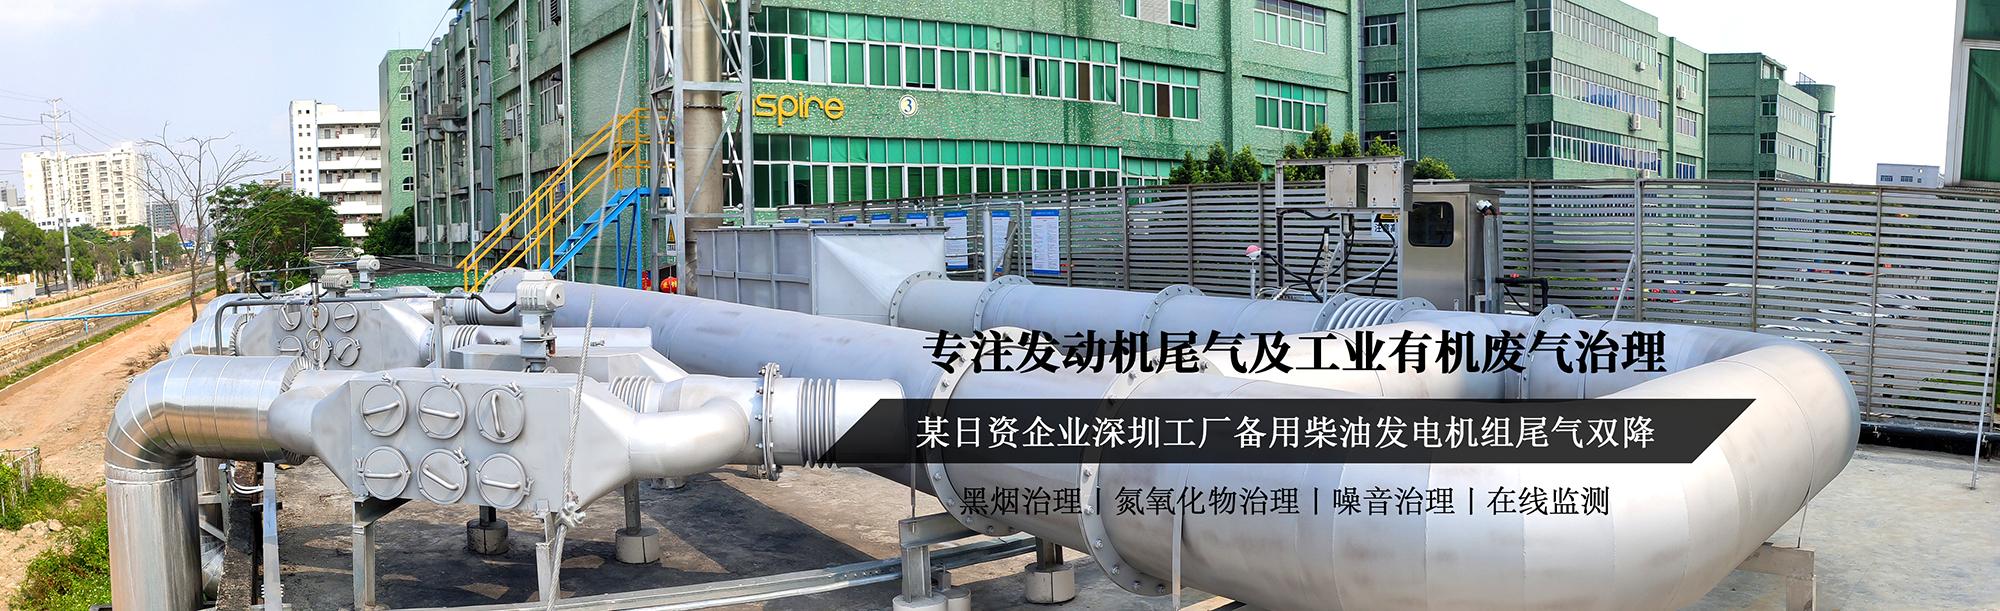 沼气发电机组尾气氮氧化物治理